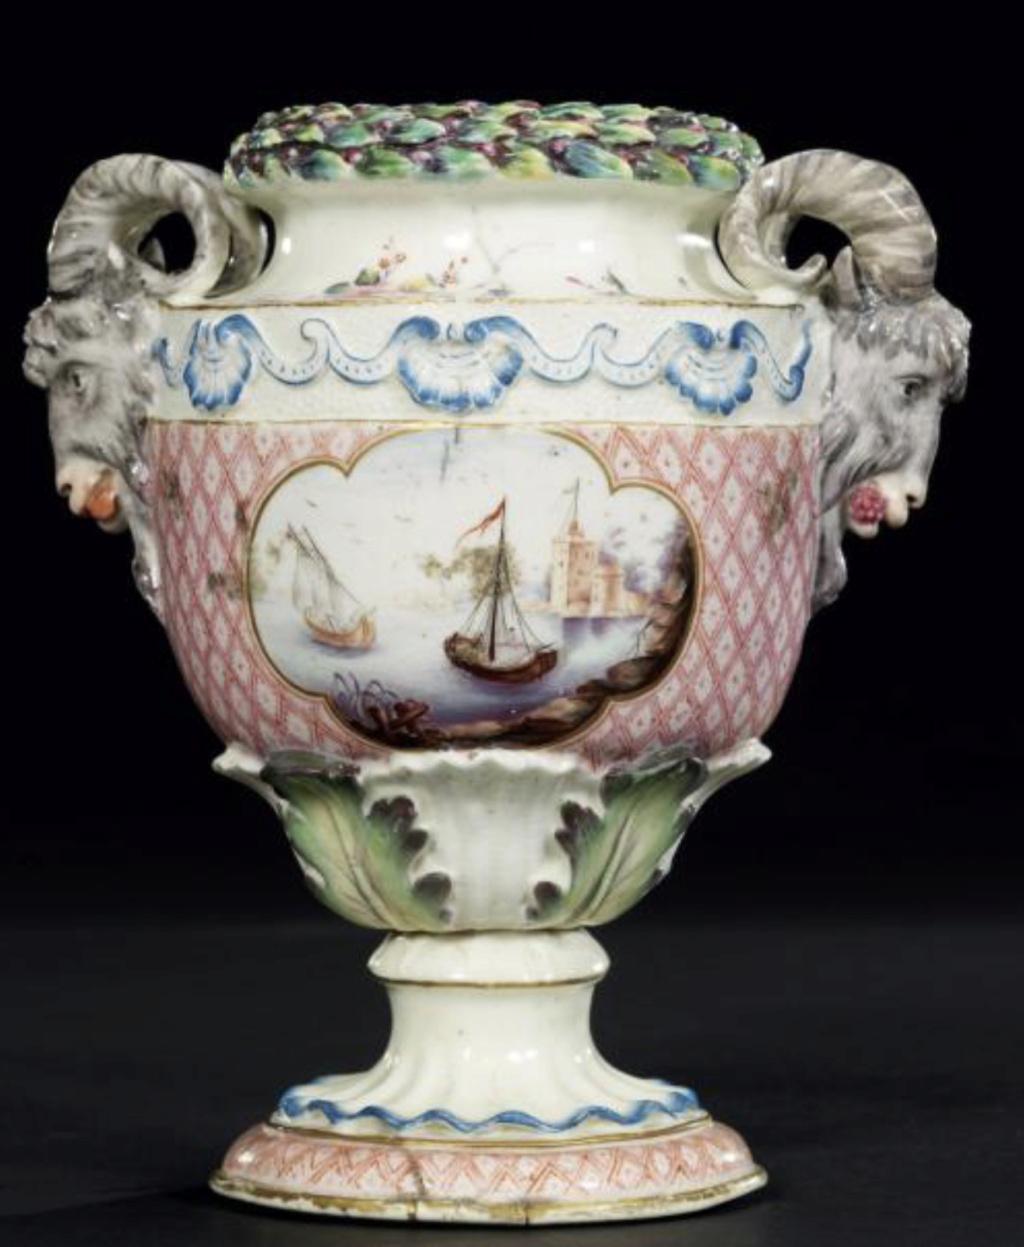 La porcelaine de Bourg-la-Reine au XVIIIème siècle  Captu720